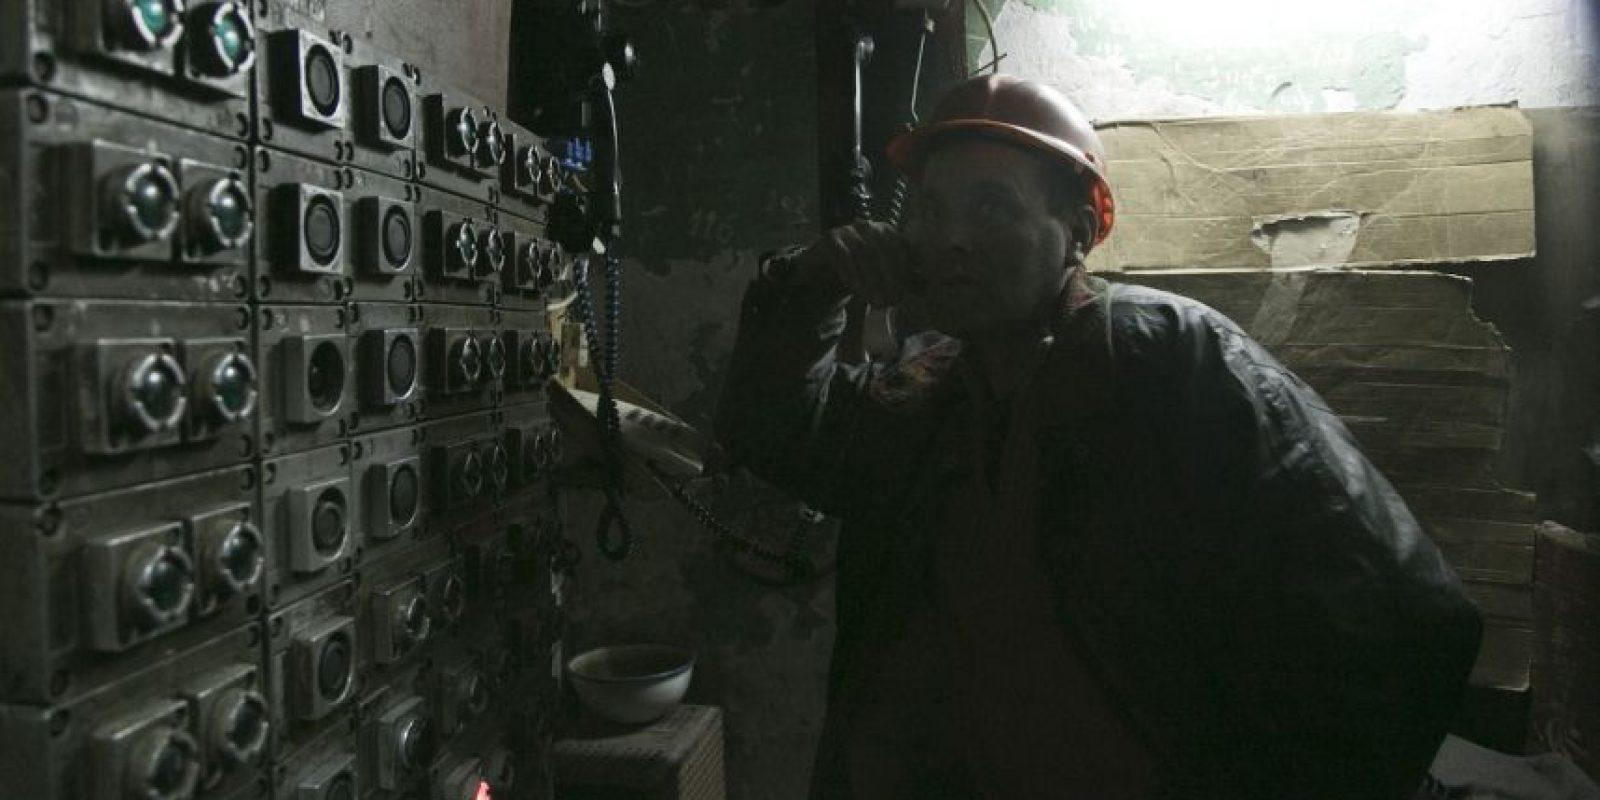 En Ucrania y otras zonas de la región los mineros exigen mejores condiciones. Foto:AP